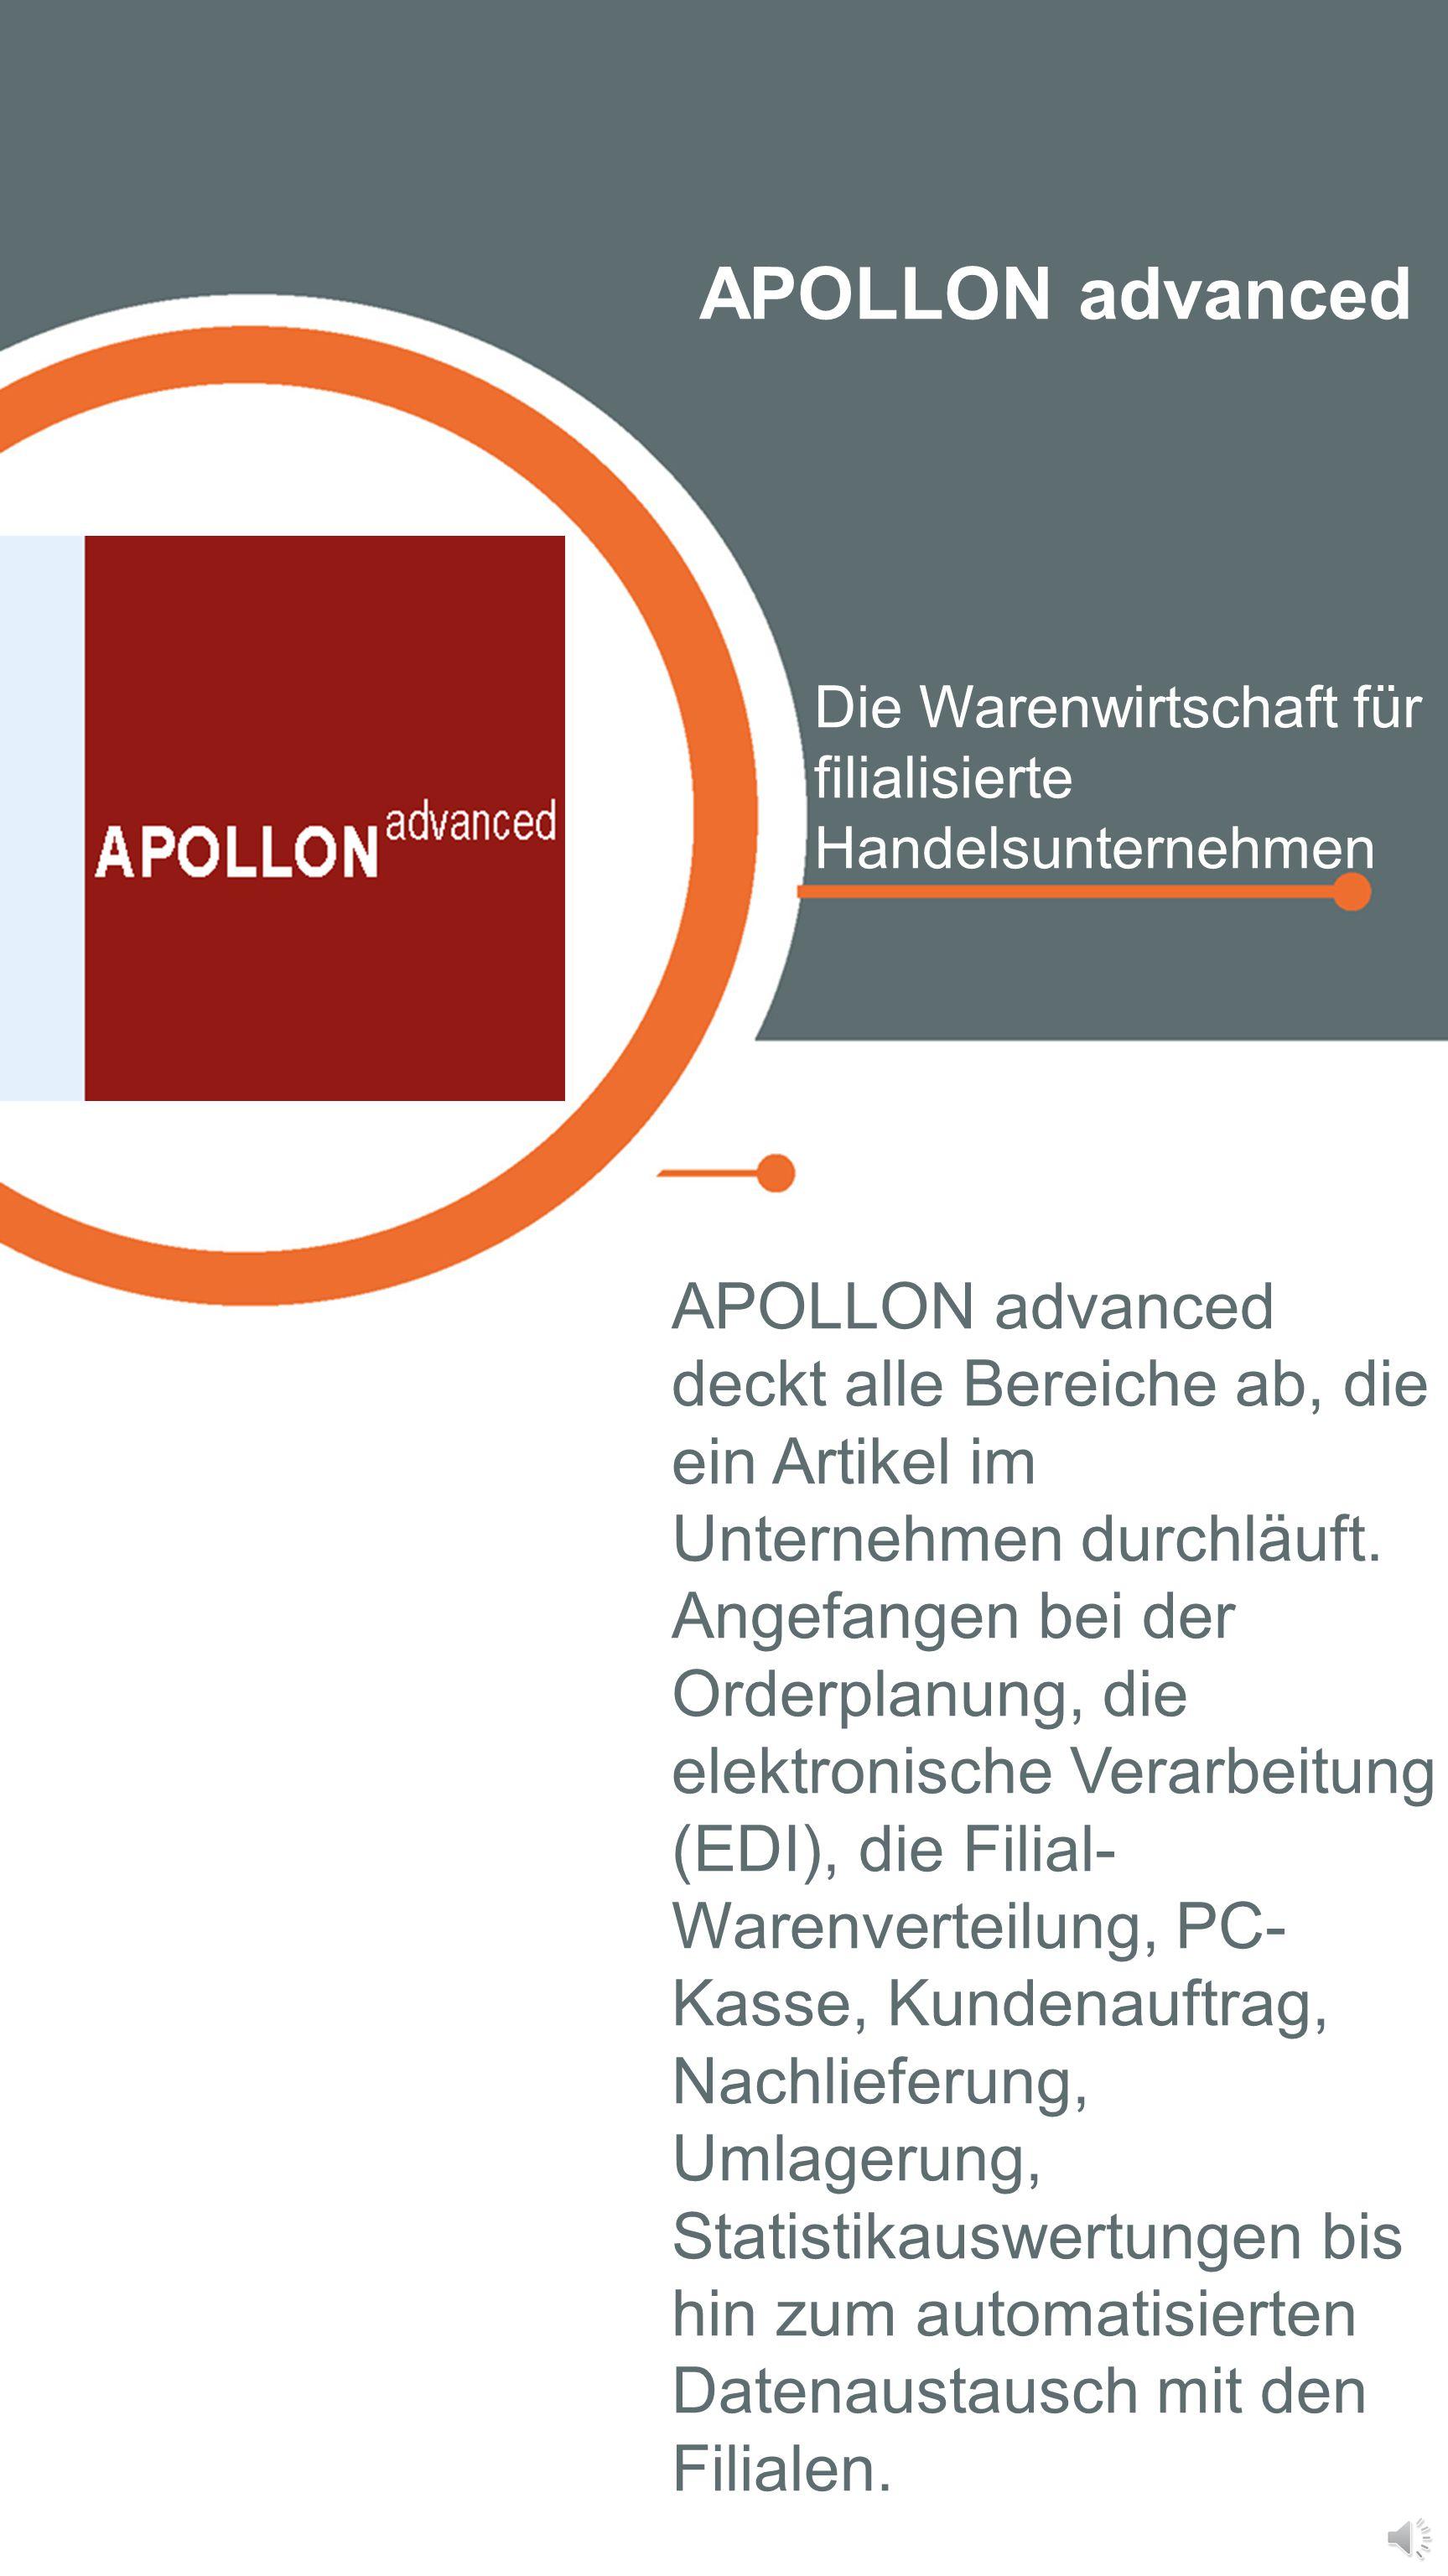 APOLLON basic Das Basis-Paket Ihrer Warenwirtschaft APOLLON basic ist besonders für kleinere Einzelhändler geeignet, die ein kompaktes System mit gute